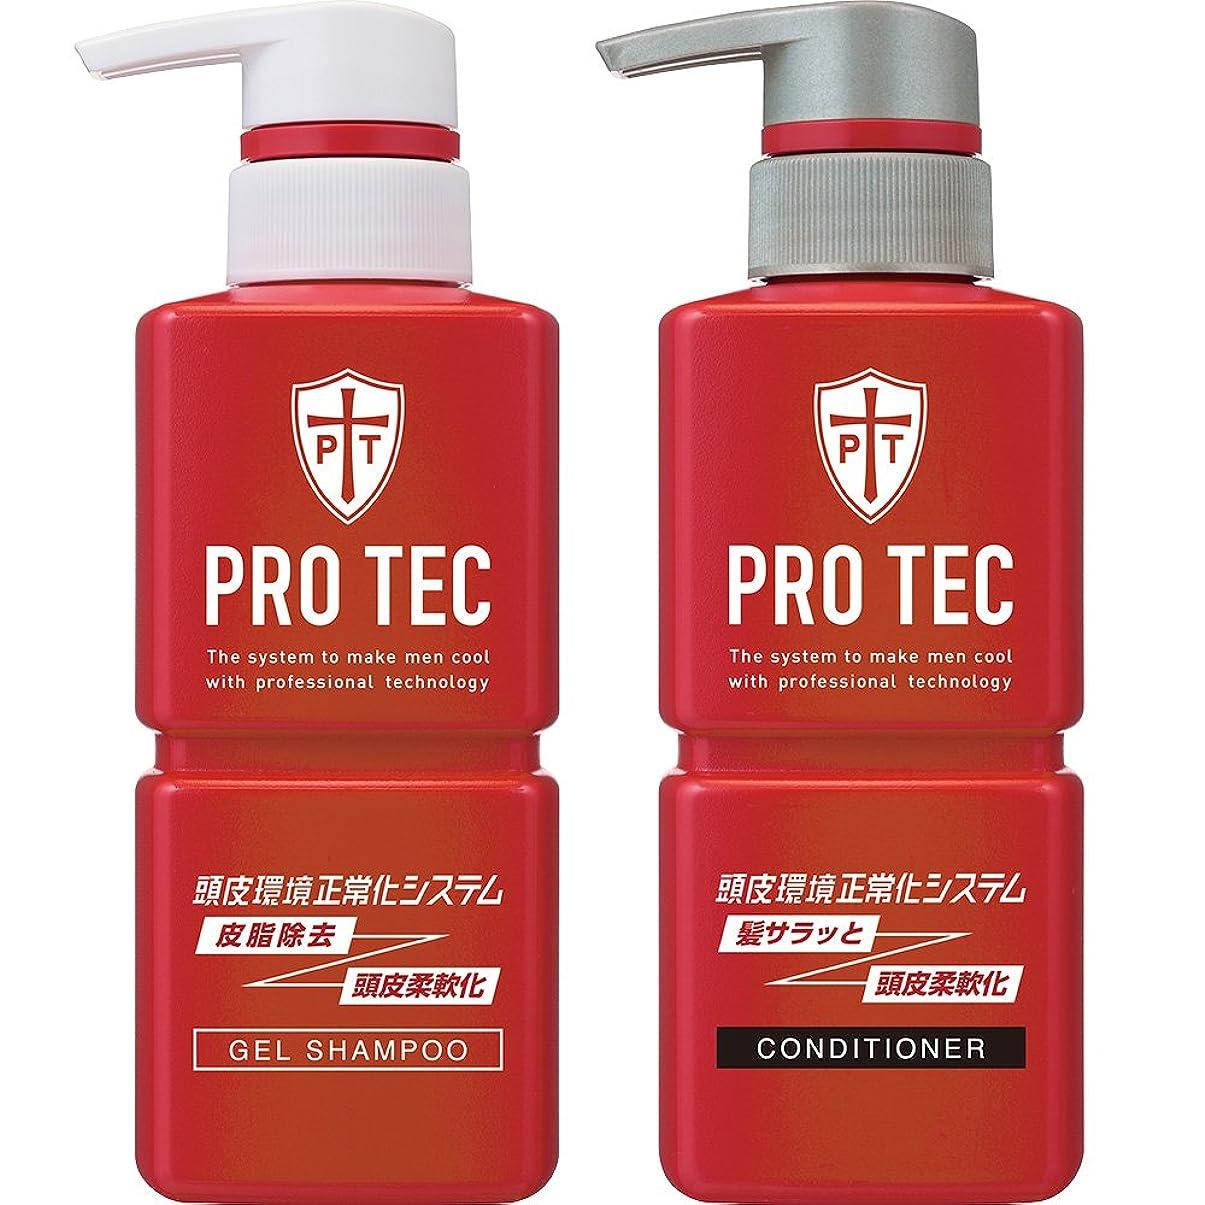 尋ねるカスケードアルファベット順PRO TEC(プロテク) 頭皮ストレッチ シャンプー ポンプ 300g(医薬部外品)+ コンディショナー ポンプ 300g